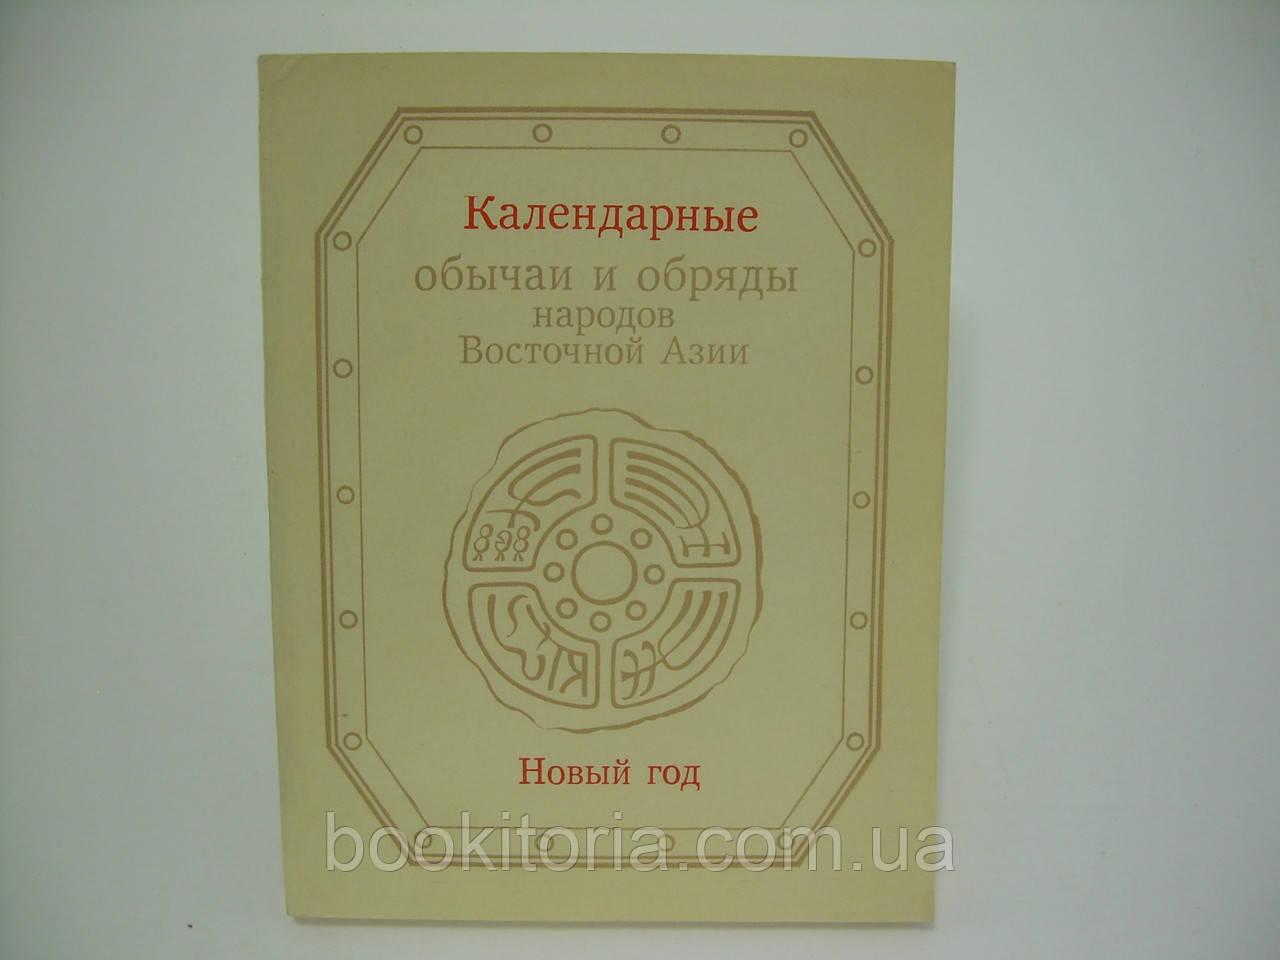 Календарные обычаи и обряды народов Восточной Азии (б/у).